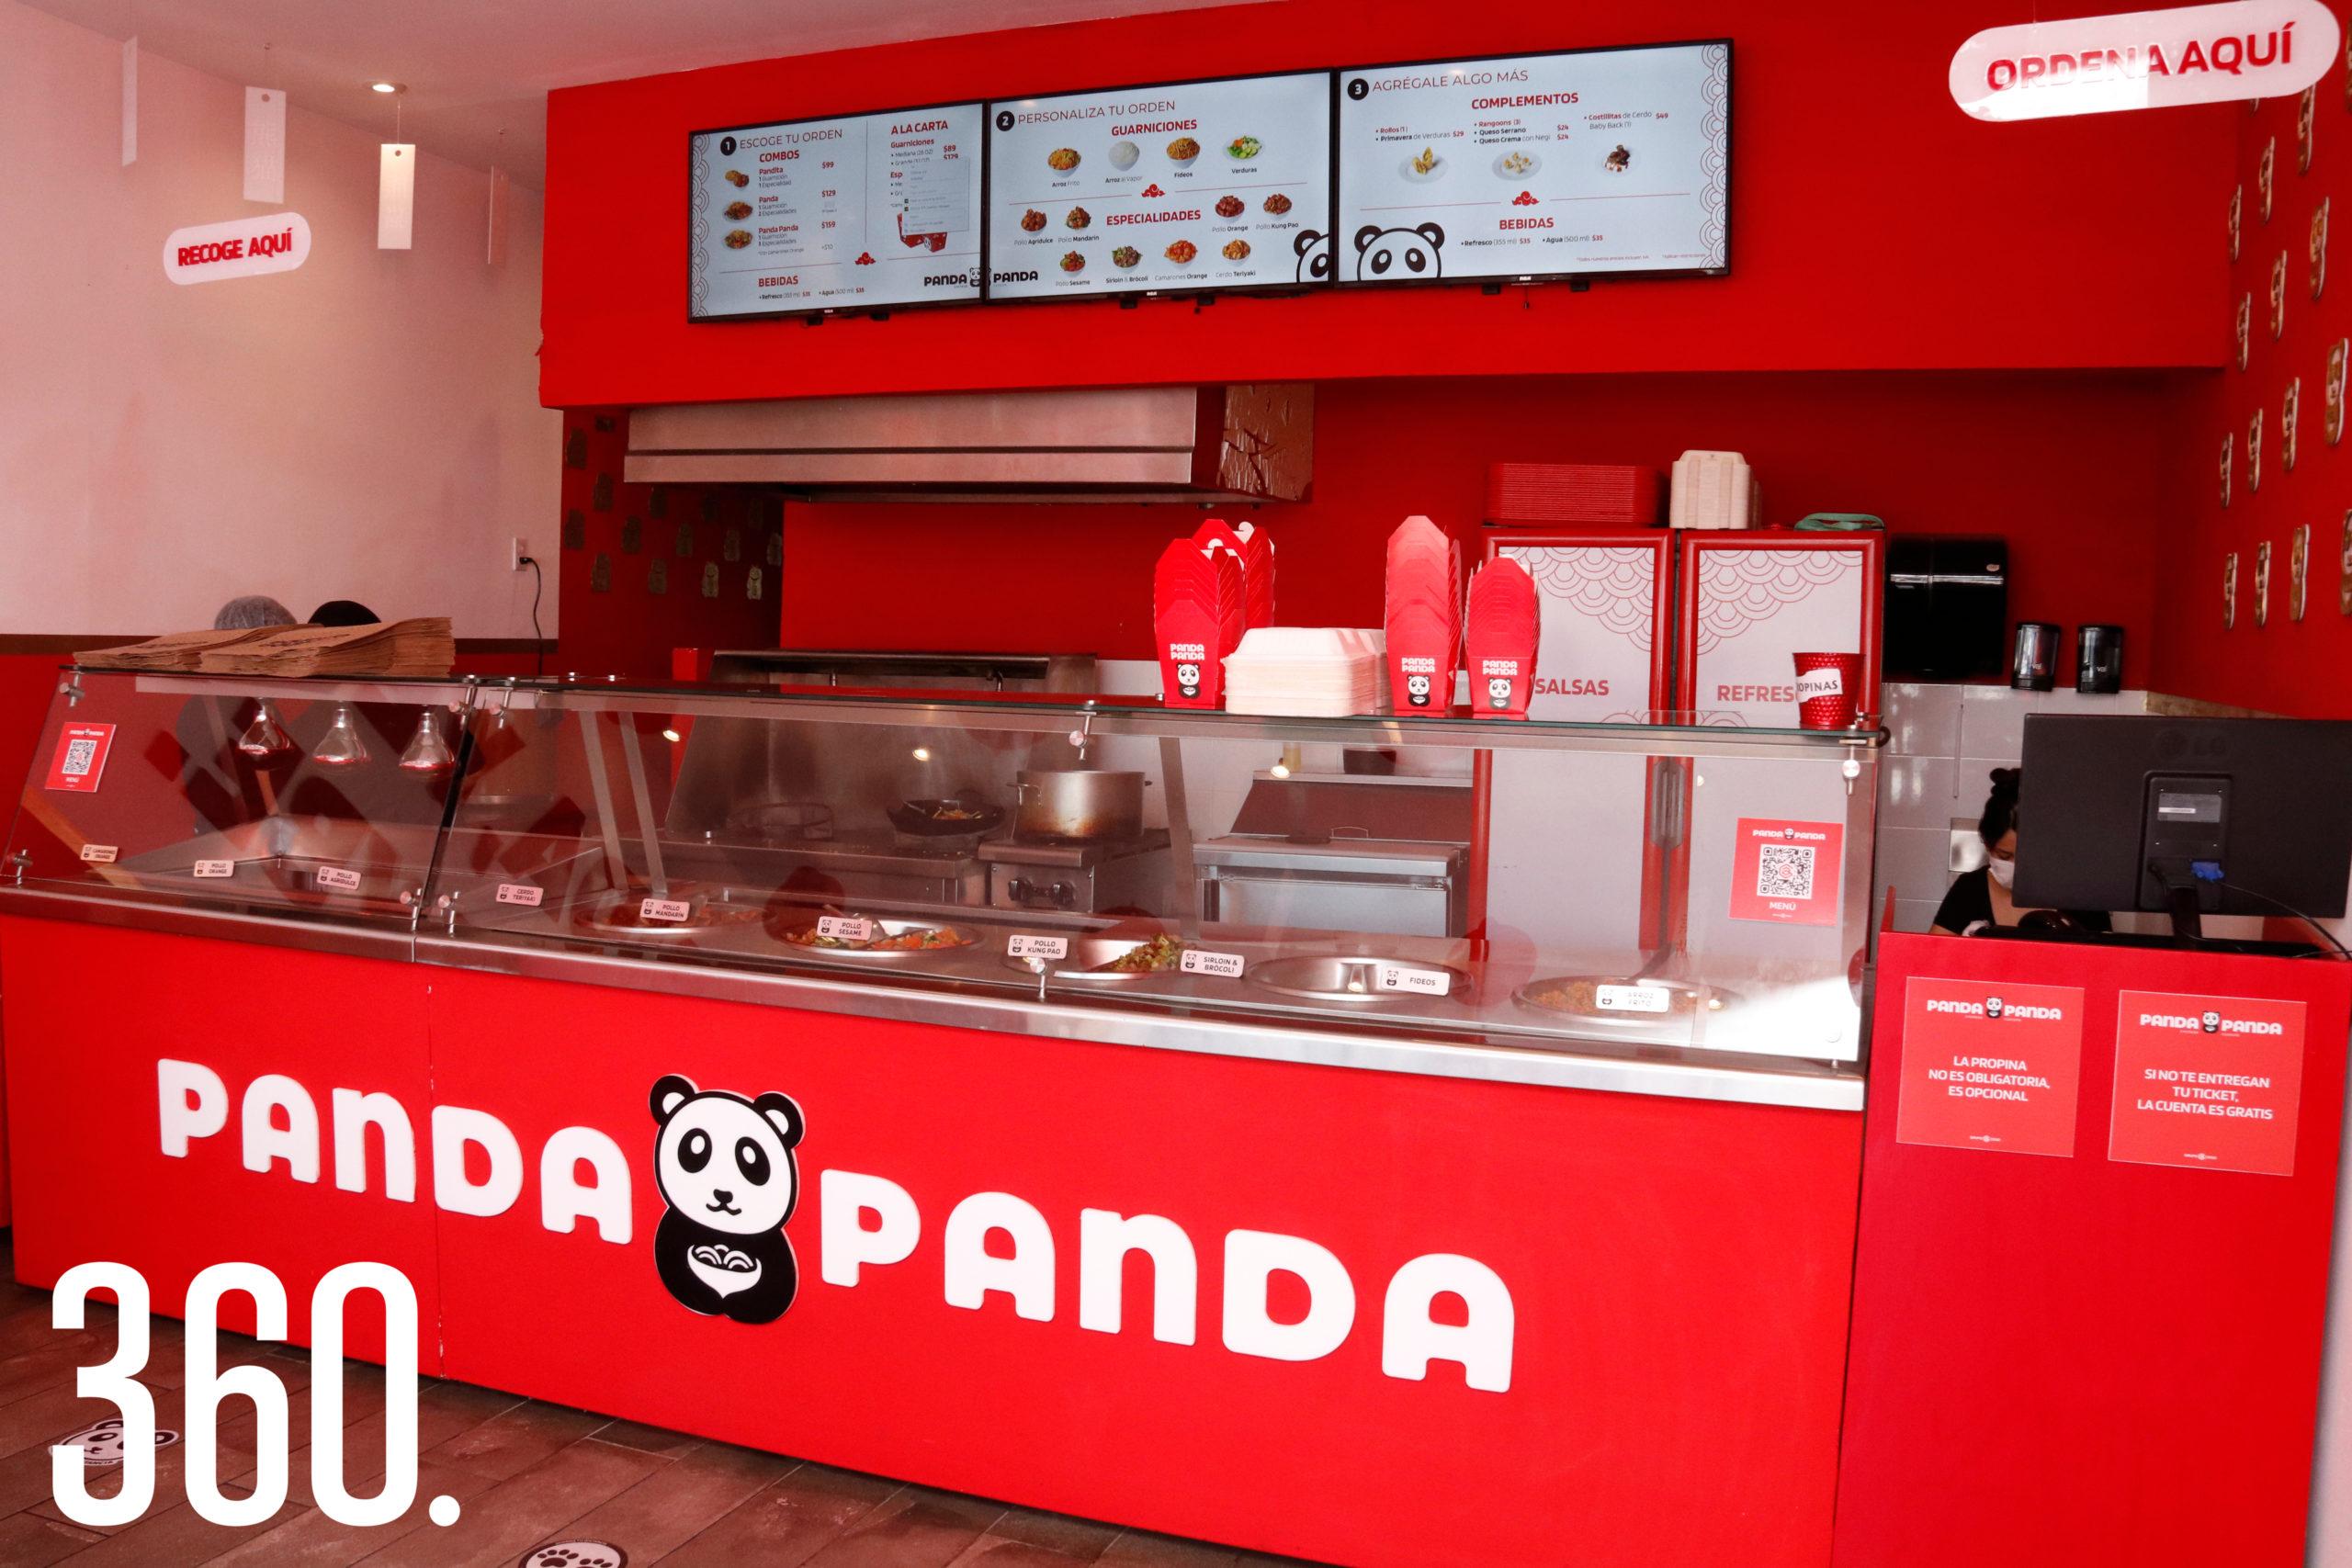 Panda Panda, restaurante de comida china, ubicado en Plaza Cocoa.